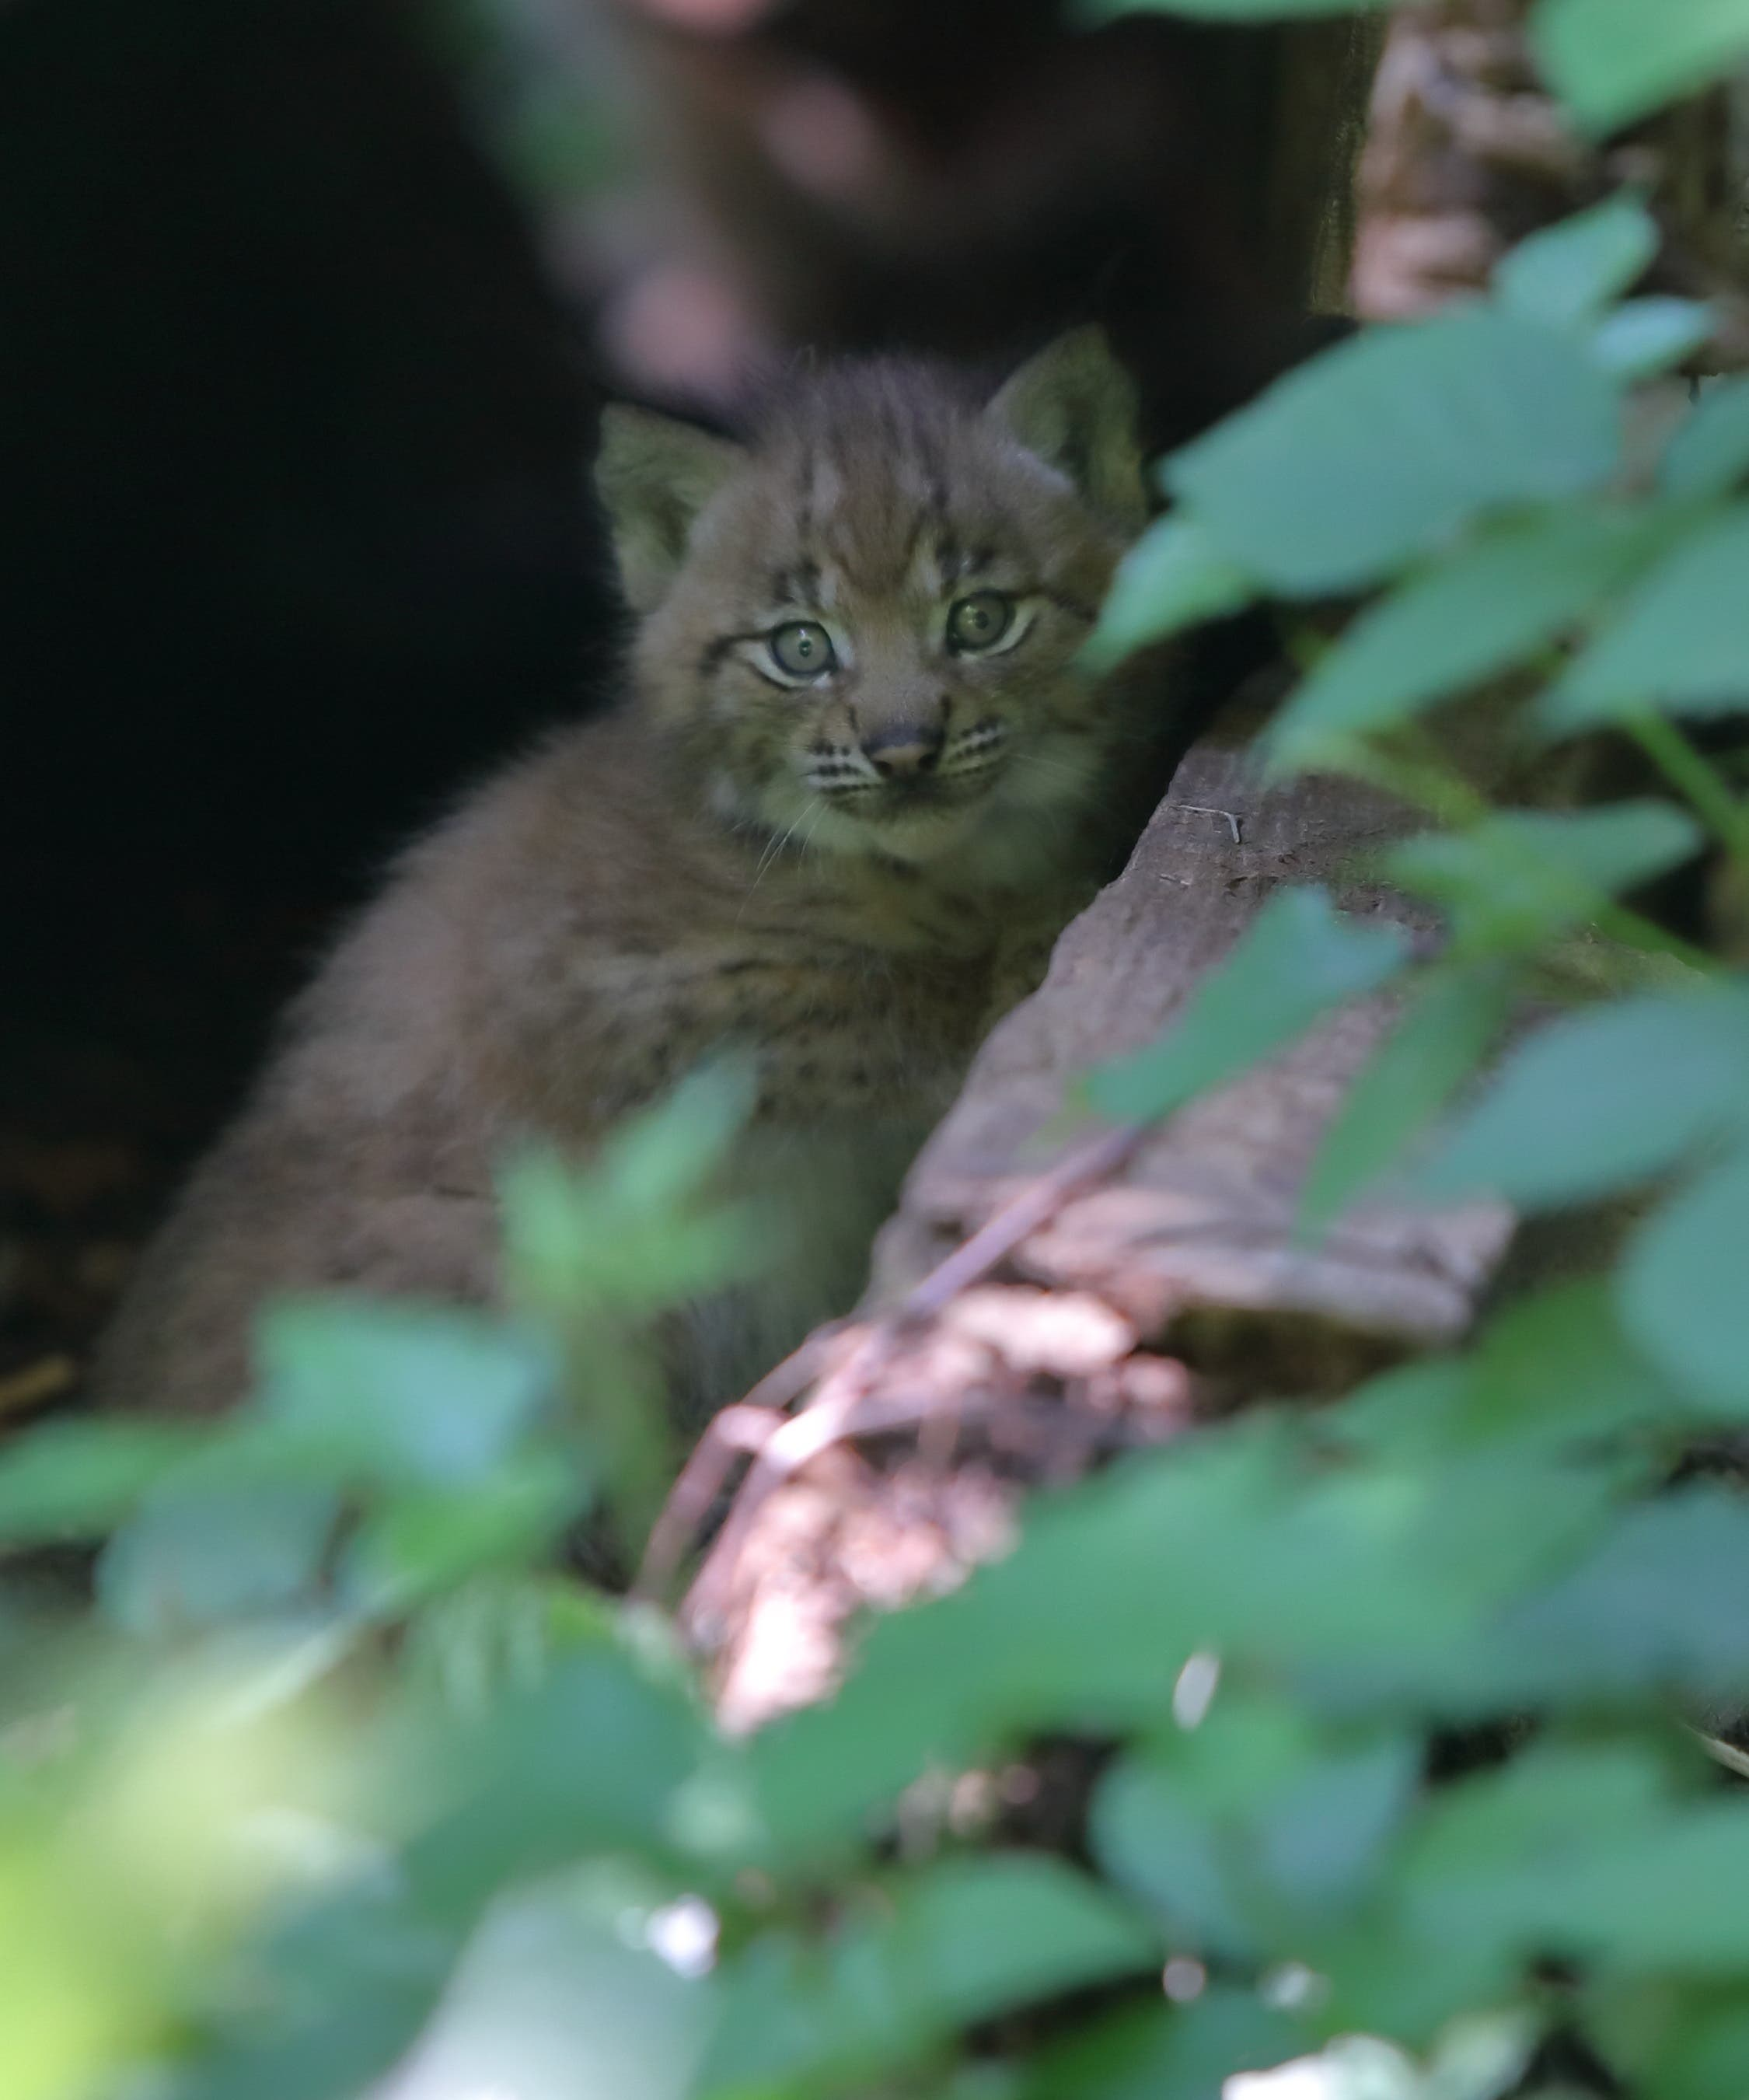 Bei vielen Tierarten sind jetzt Jungtiere zu beobachten. Speziell erfreulich: Nach 10 Jahren sind im Wildnispark Zürich wieder einmal junge Luchse zur Welt gekommen – dank einem neuen Luchspaar.